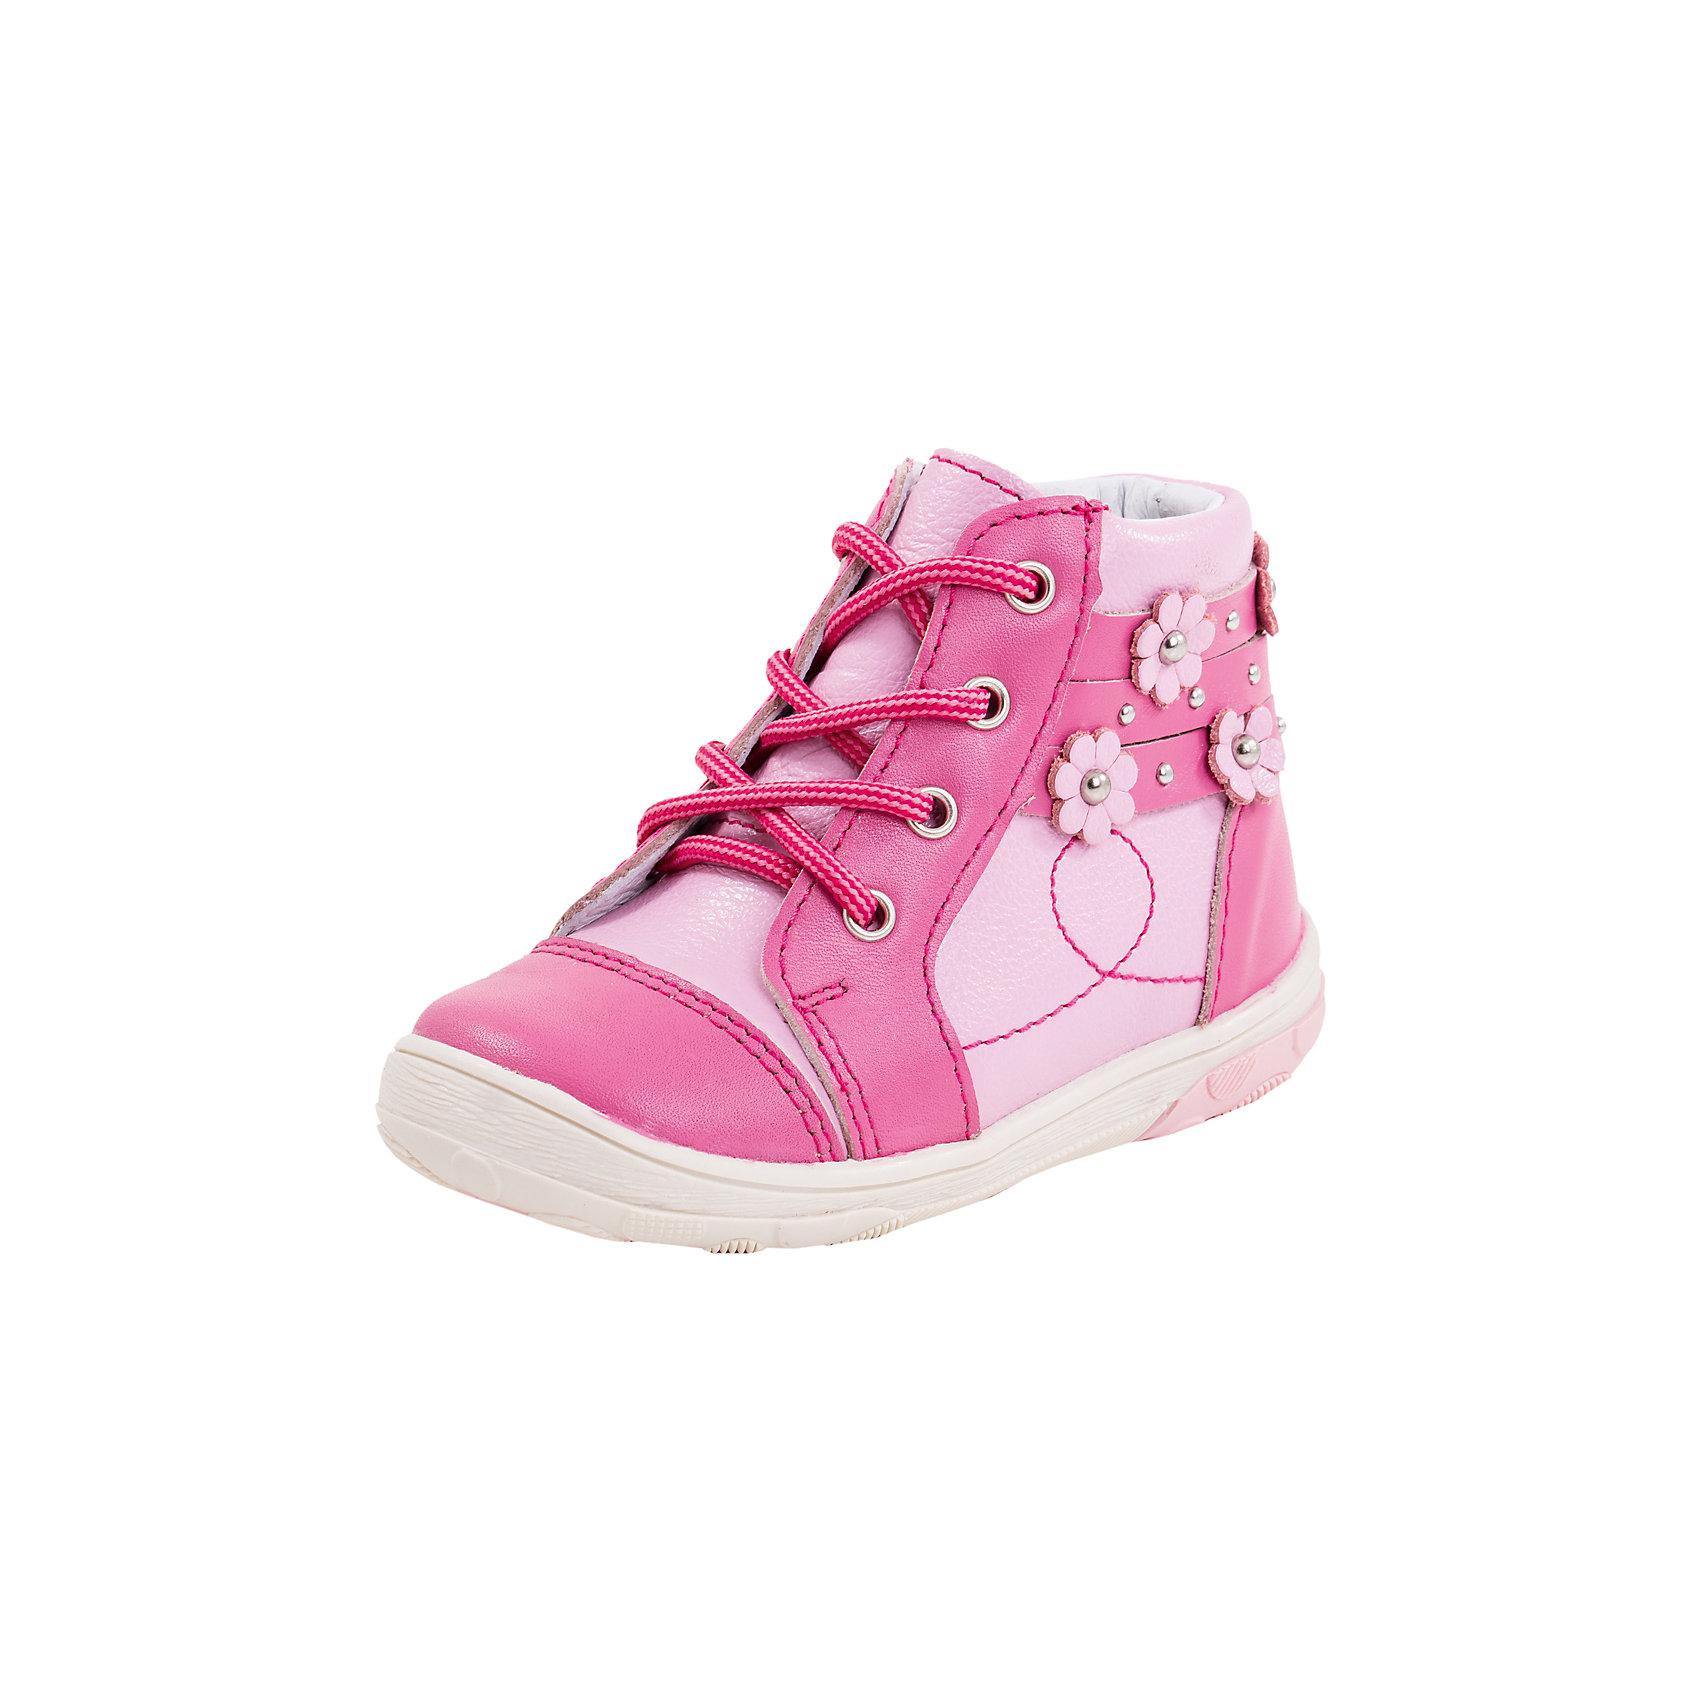 Ботинки для девочки КотофейБотинки для девочки Котофей<br>Милые ботиночки выполнены полностью из натуральной кожи. Кожаная подкладка абсорбирует образующуюся внутри обуви влагу и гарантирует полный комфорт. Удобная застежка-молния позволяет легко обувать и снимать ботинки, а функциональная шнуровка обеспечит идеальную фиксацию обуви на ноге.  Мягкий манжет создает комфорт при ходьбе и предотвращает натирание ножки ребенка. Подошва с небольшим заходом на носочную часть  увеличит долговечность ботинок. Нарядные ботиночки, декорированные ремешками с металлическими клепками и изящными цветами, будут прекрасным дополнением гардероба маленькой леди.<br><br>Ширина мм: 262<br>Глубина мм: 176<br>Высота мм: 97<br>Вес г: 427<br>Цвет: розовый<br>Возраст от месяцев: 21<br>Возраст до месяцев: 24<br>Пол: Женский<br>Возраст: Детский<br>Размер: 24,21,22,23<br>SKU: 5522229